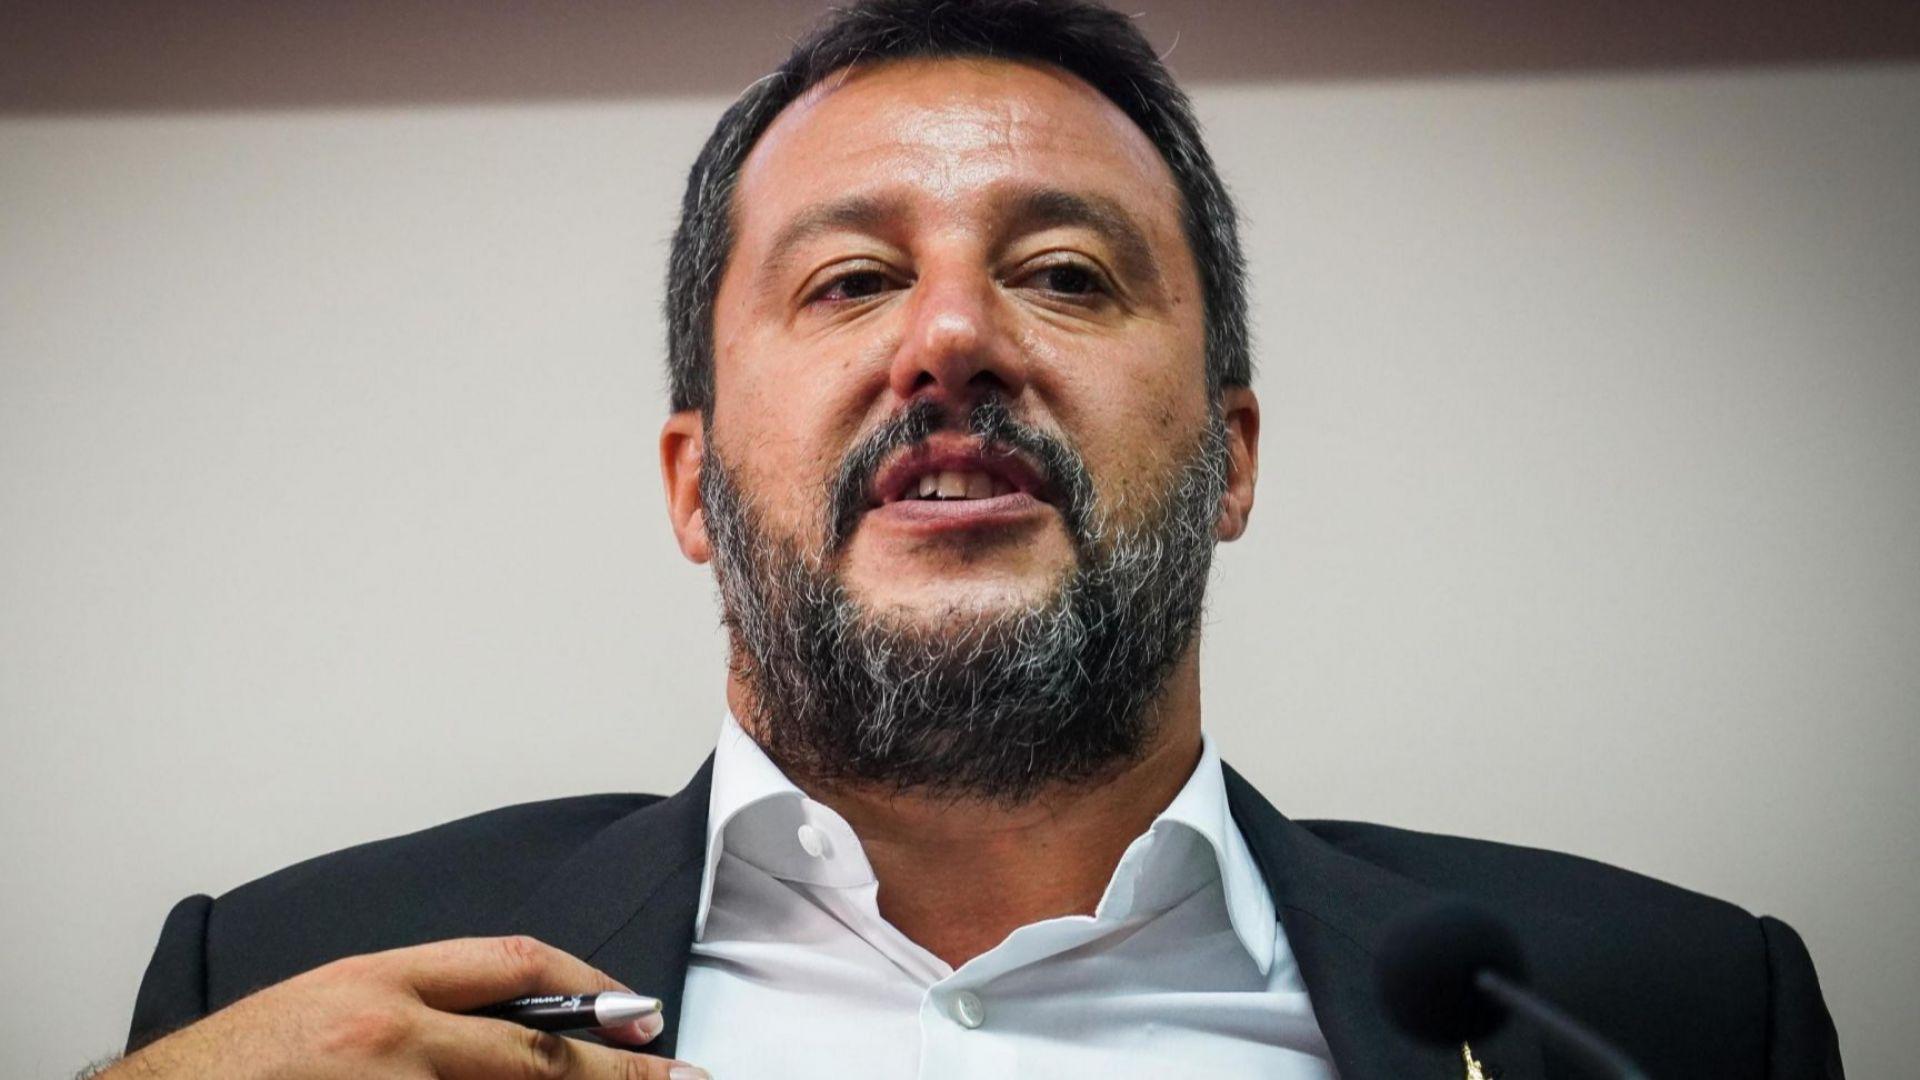 Италианската прокуратура започна разследване за предполагаемо отвличане и злоупотреба с